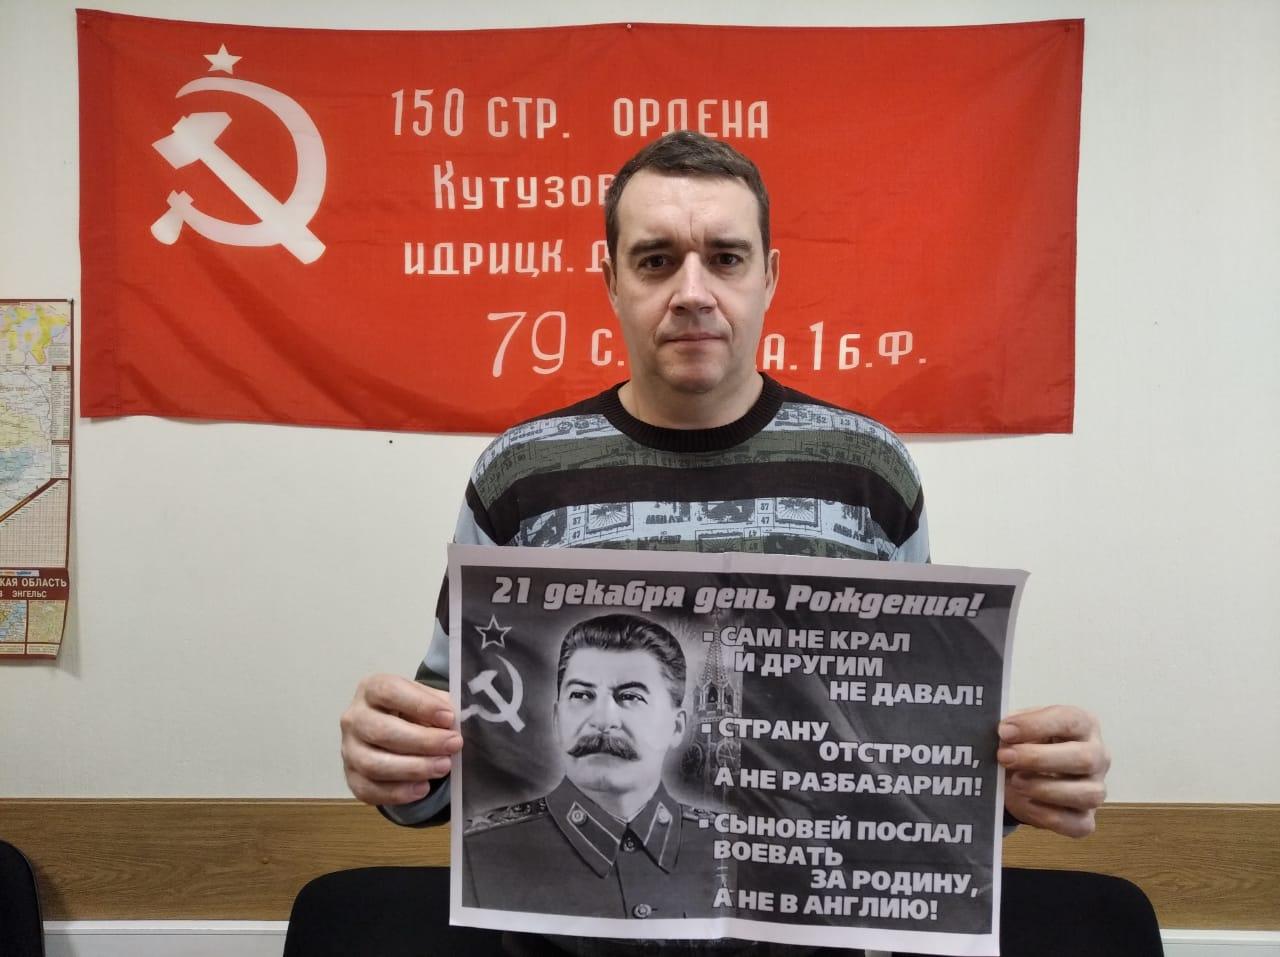 Саратов. Красный флешмоб ко дню рождения И.В. Сталина